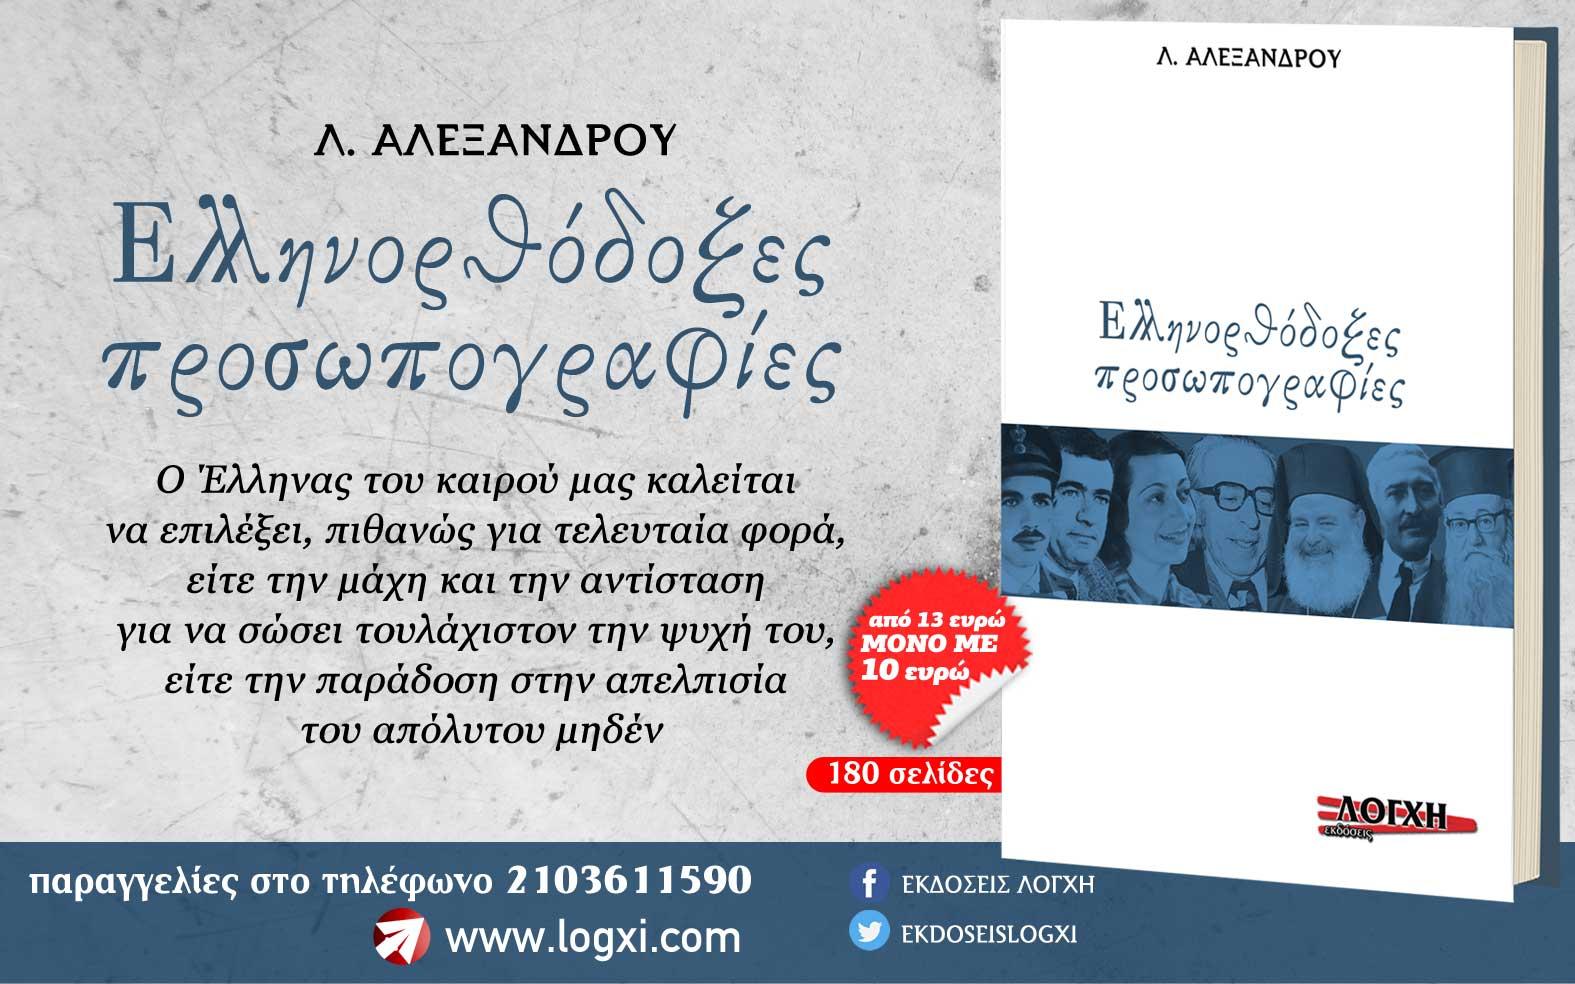 Νέα κυκλοφορία από την Λόγχη: «Ελληνορθόδοξες Προσωπογραφίες»